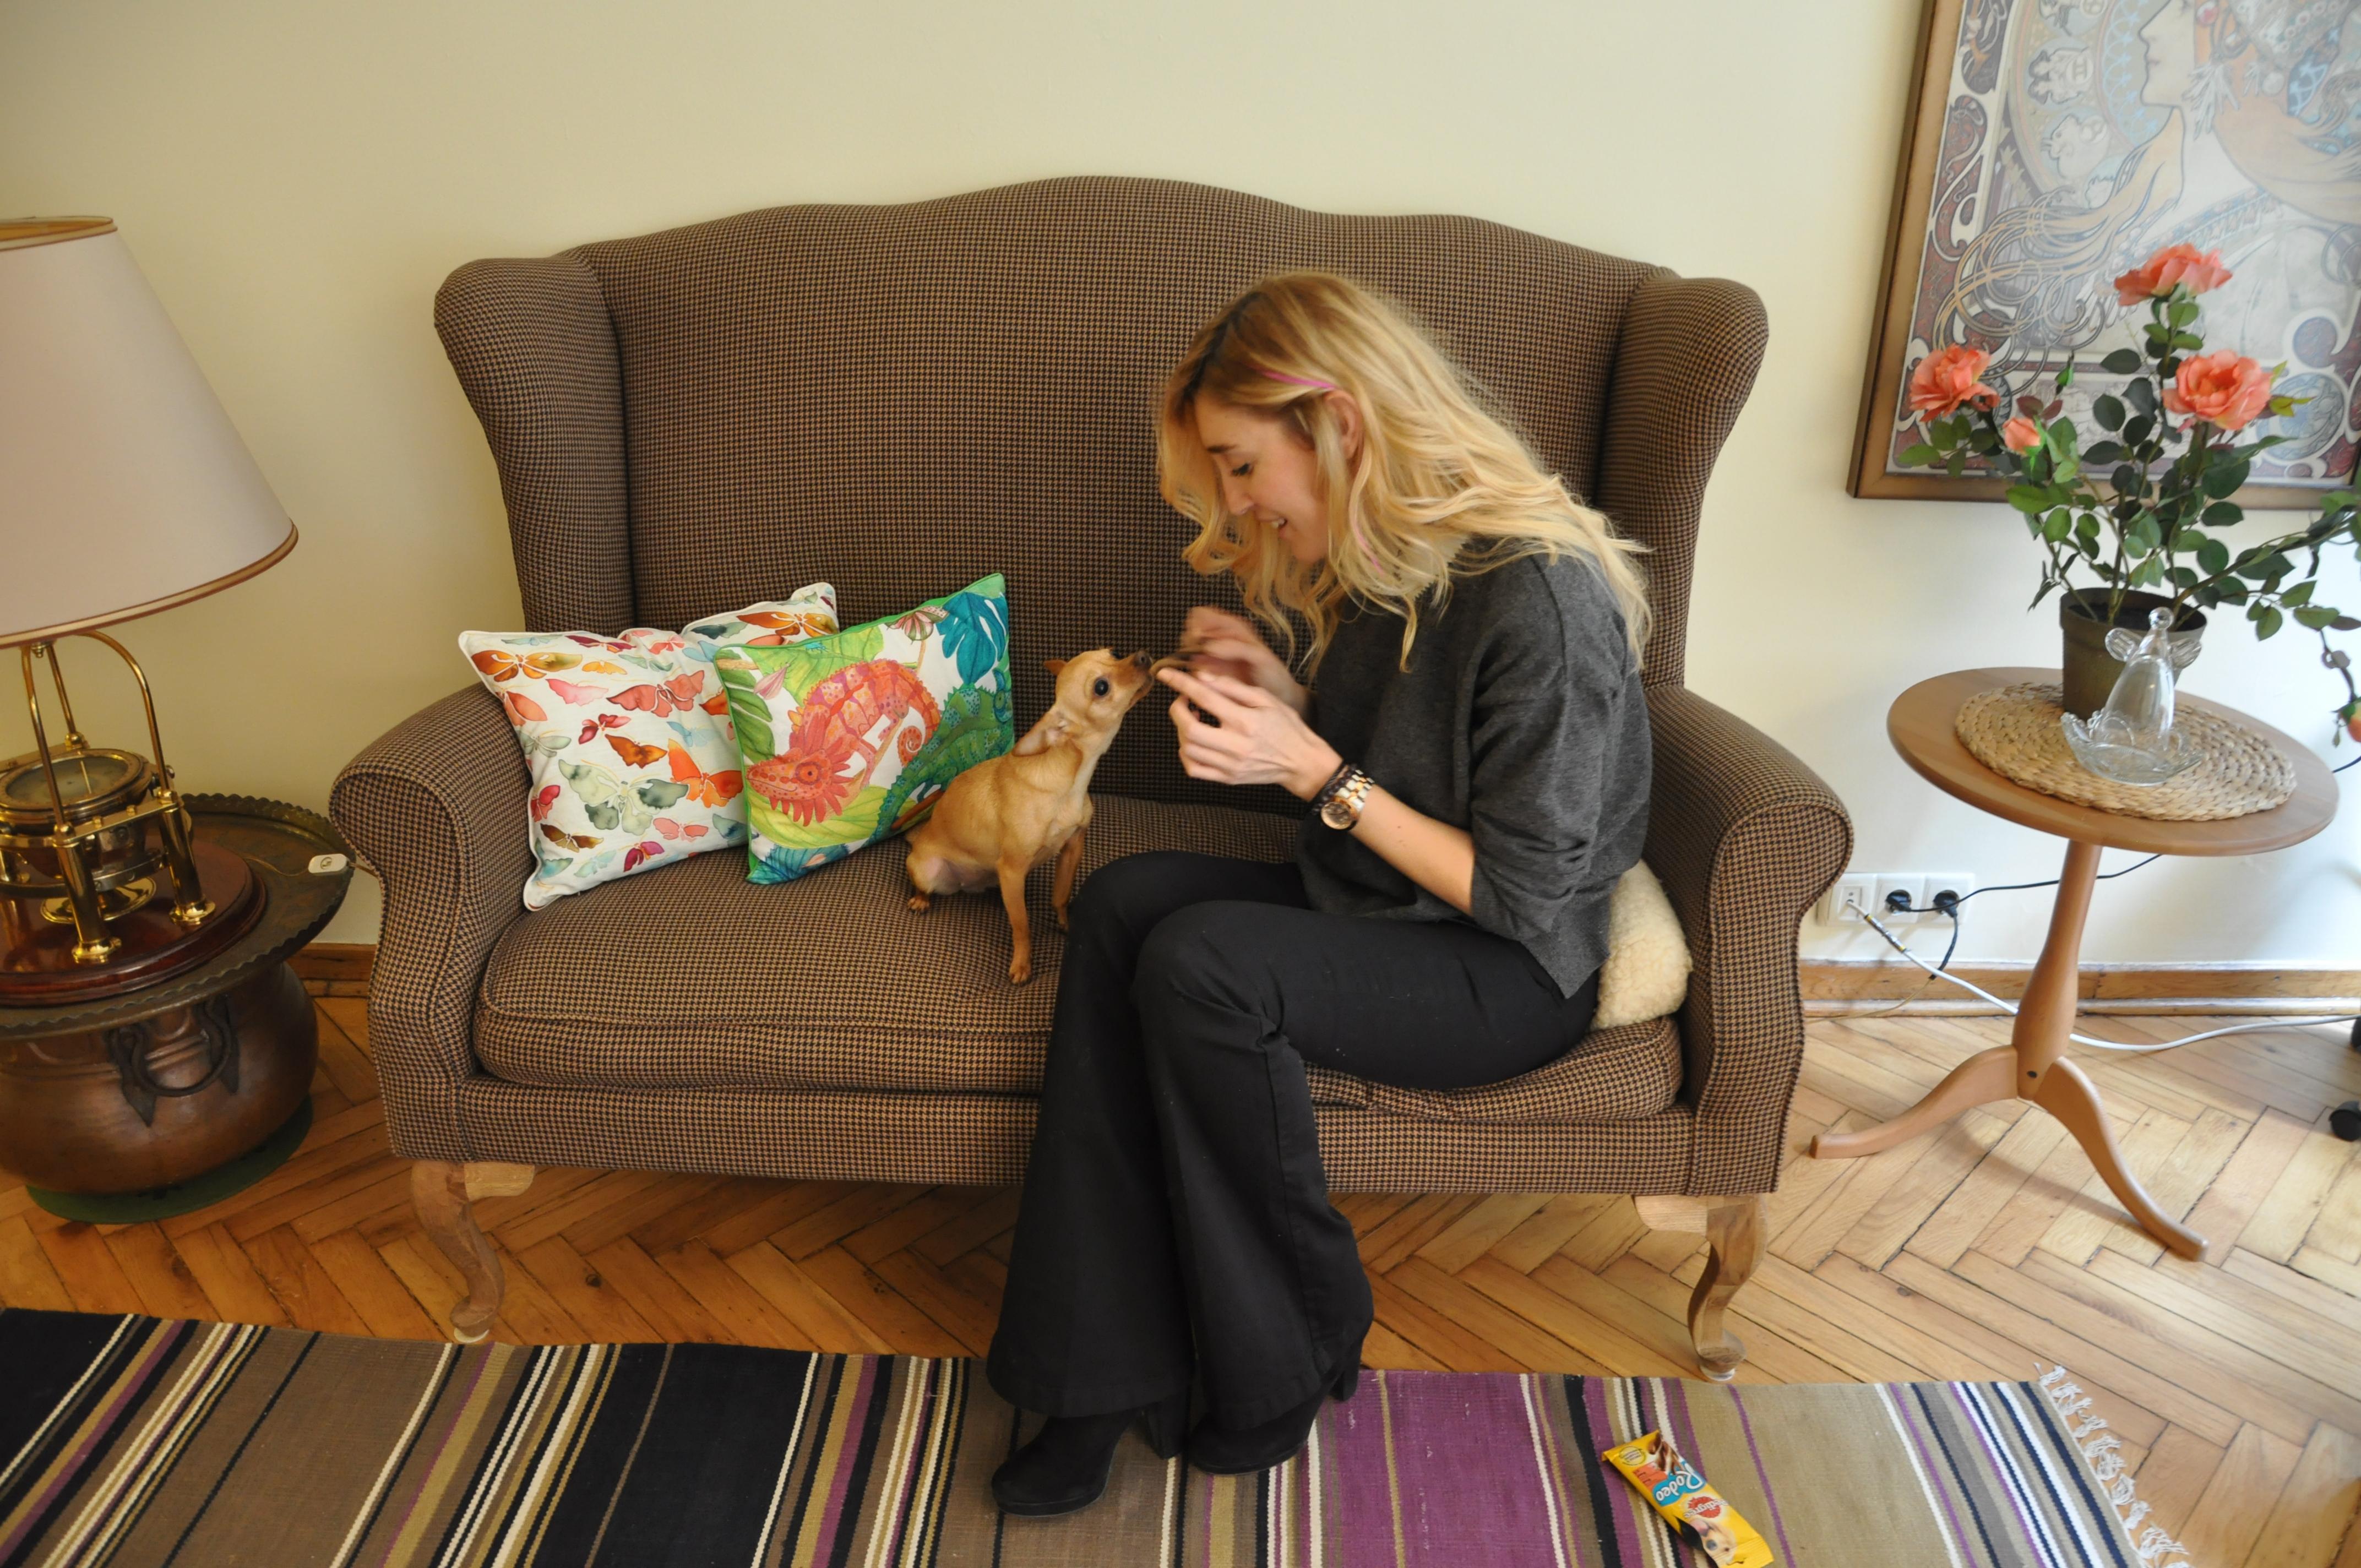 misafirlik köpegimle misafirlikteyim ne yapmalıyım burcu ozcan chihuahua mira 9